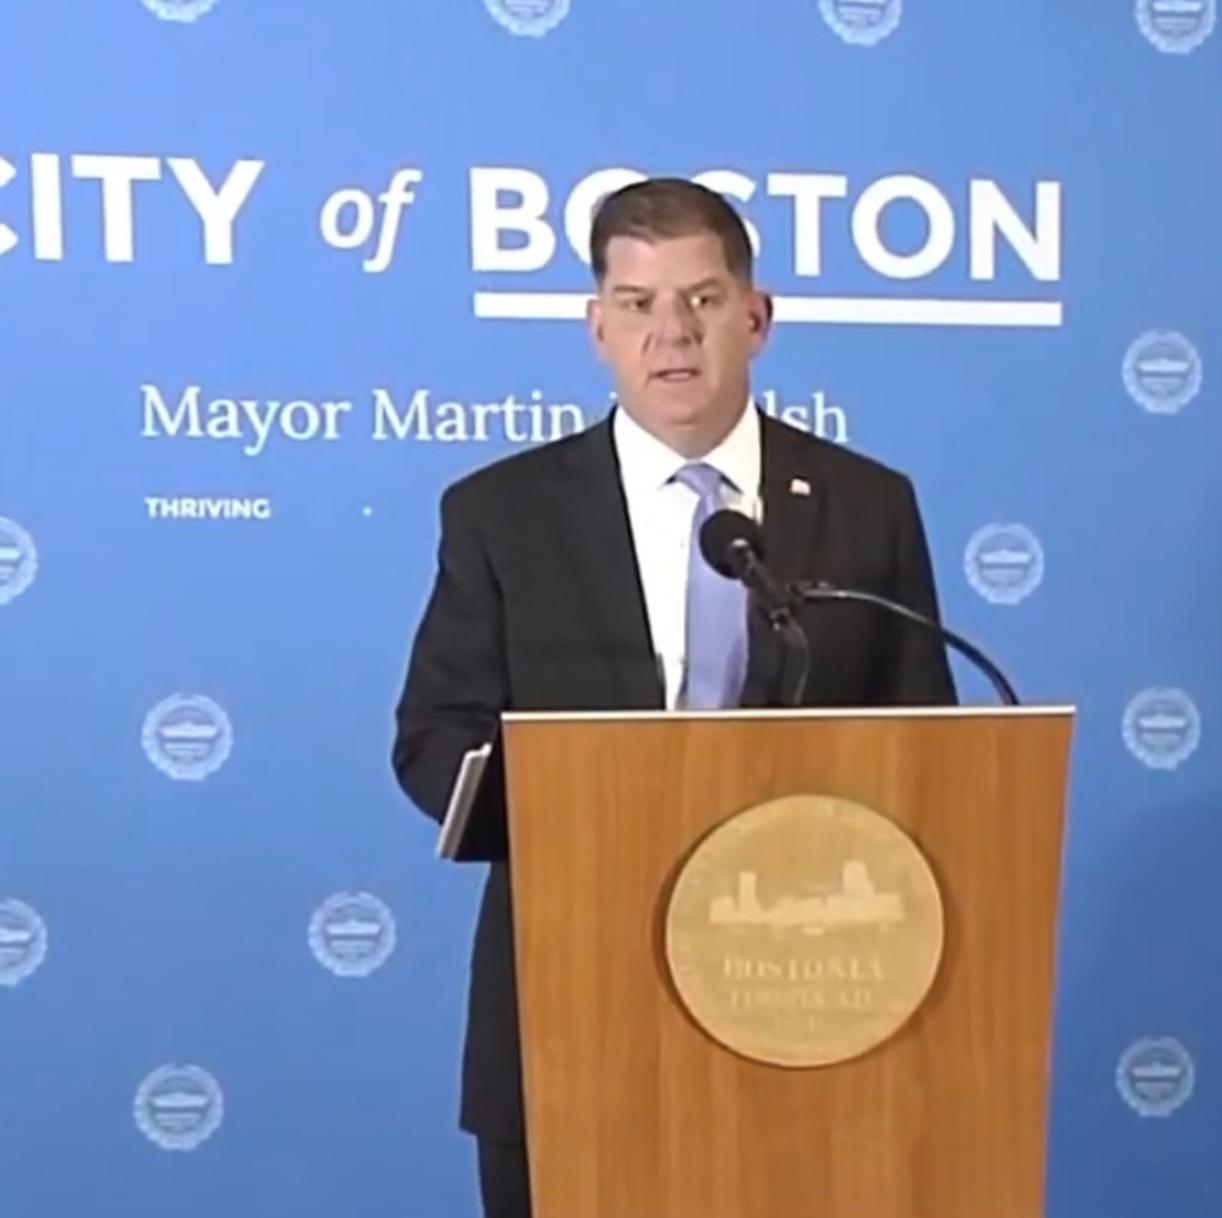 沃尔什市长宣布完成差异研究并签署行政命令 增加少数族裔和女性经营的企业城市采购目标